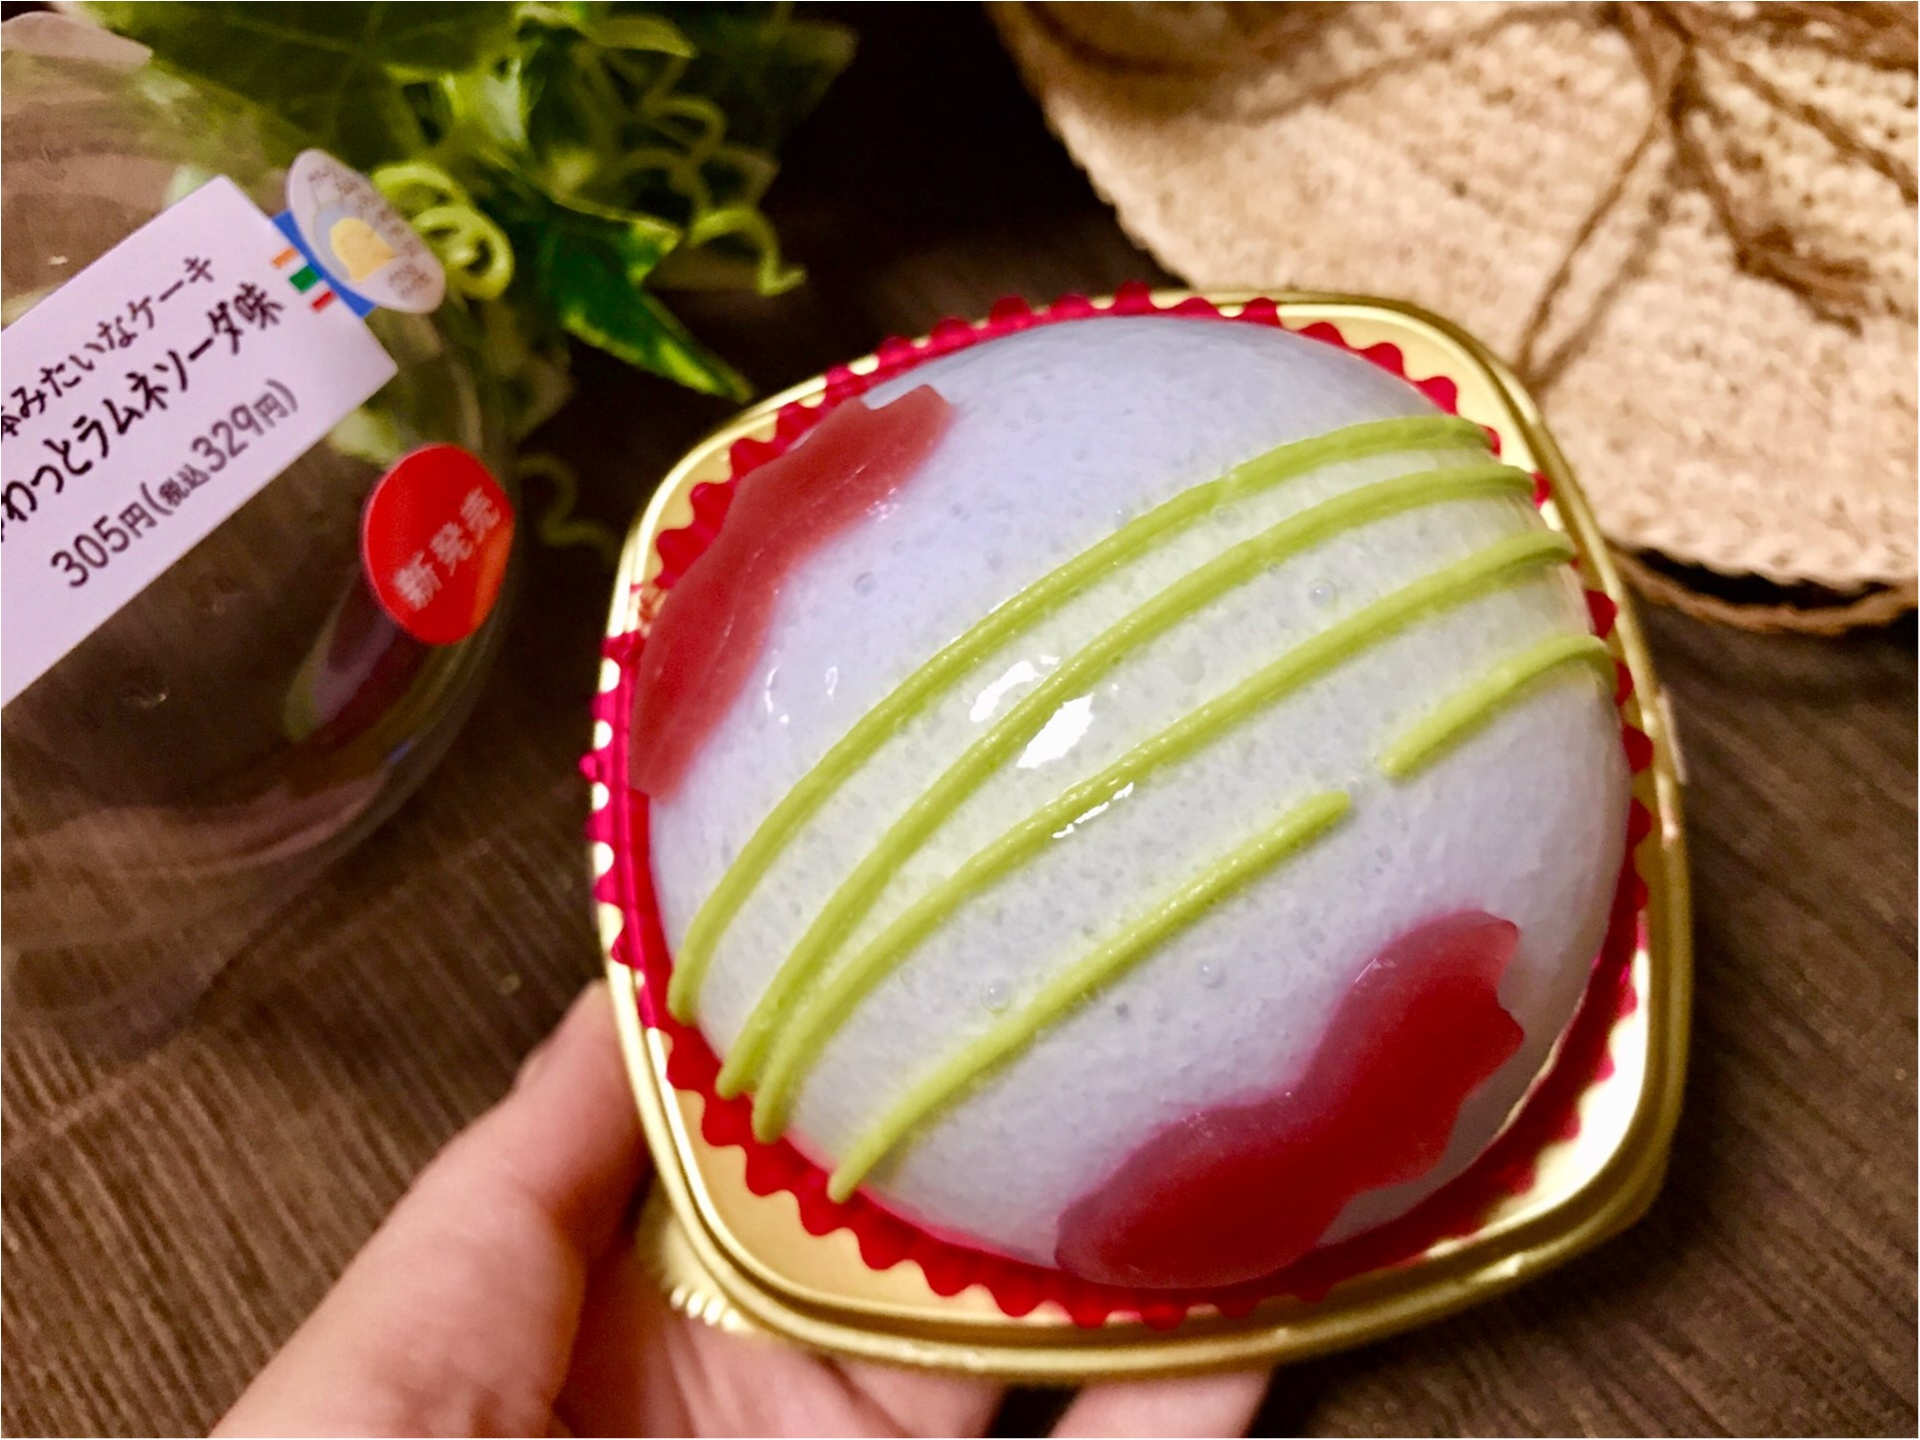 夏に食べたい!【新セブンスイーツ】金魚鉢をモチーフにしたケーキがかわいすぎる♡_4